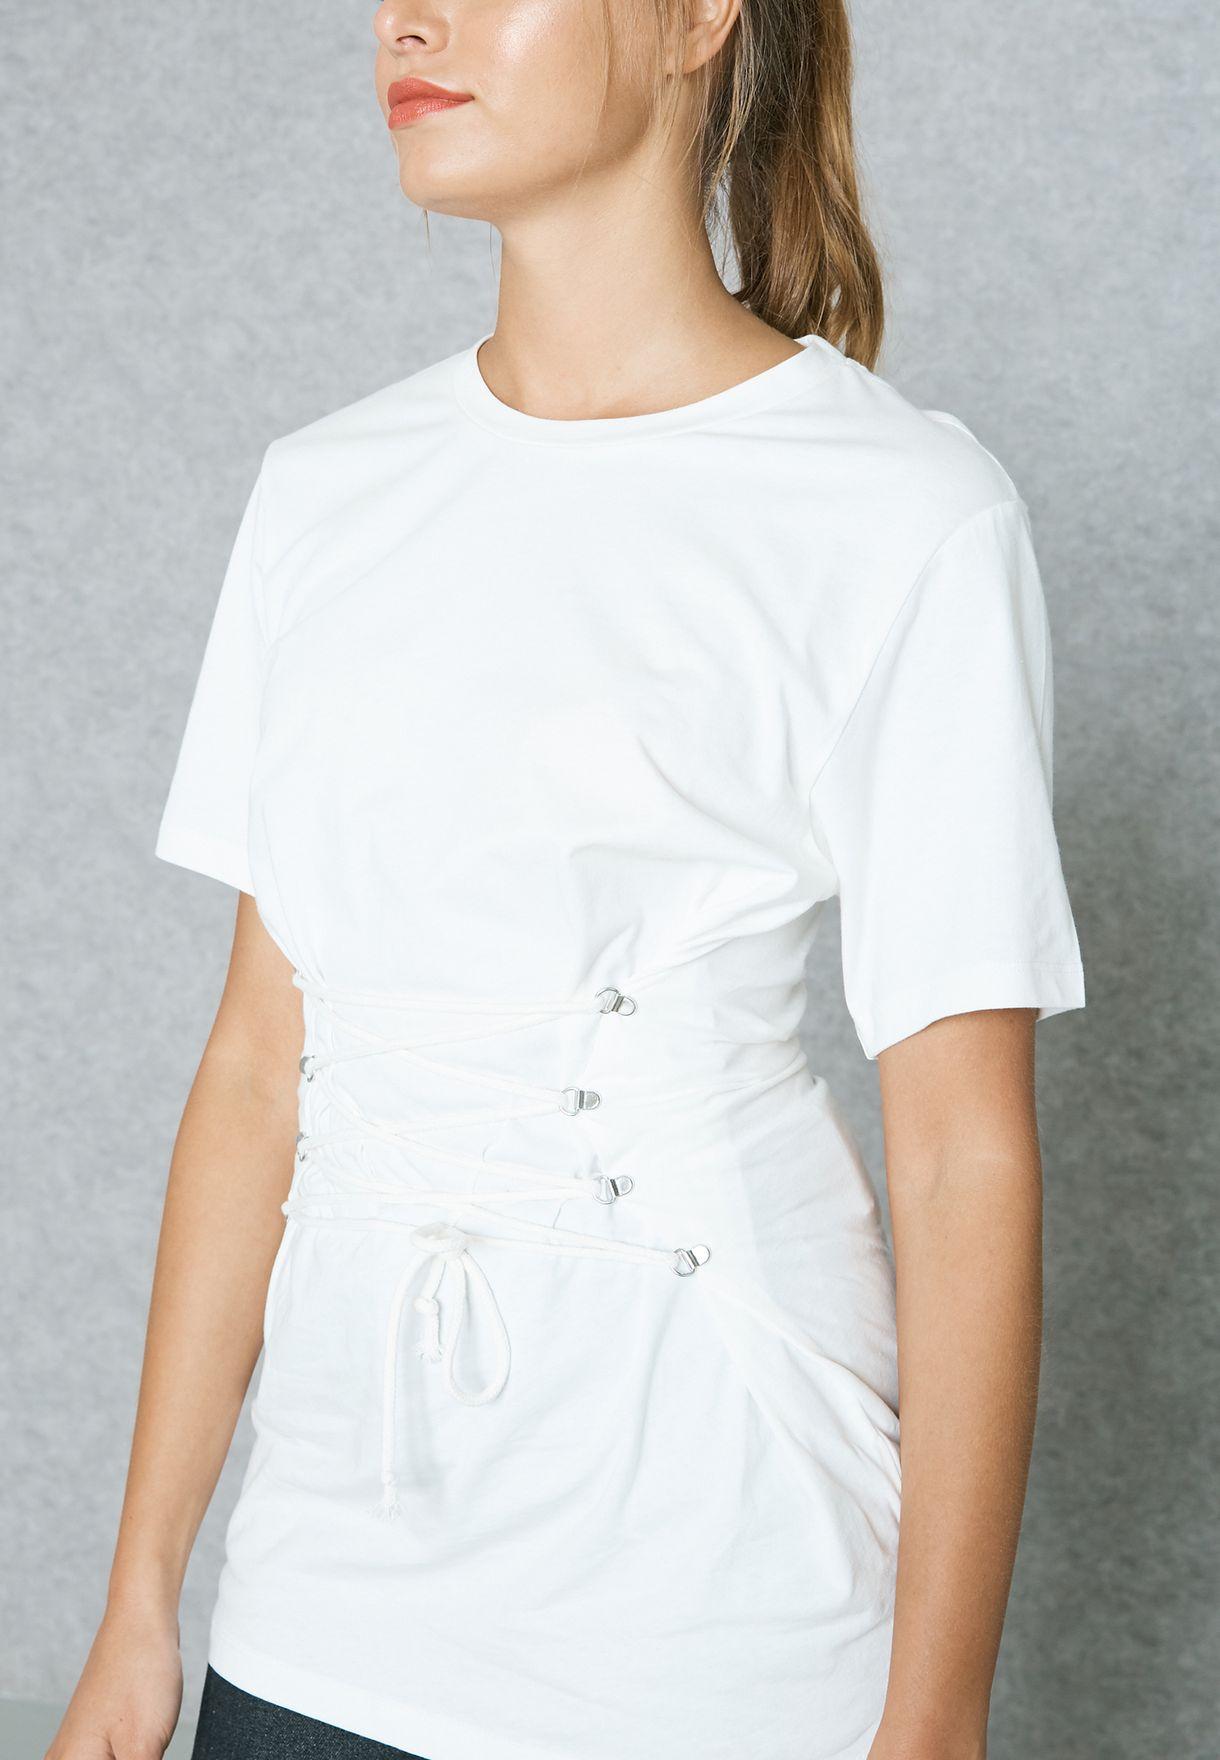 b0d6de77d3 Shop Topshop white Longline Corset T-Shirt 09T04LCRM for Women ...